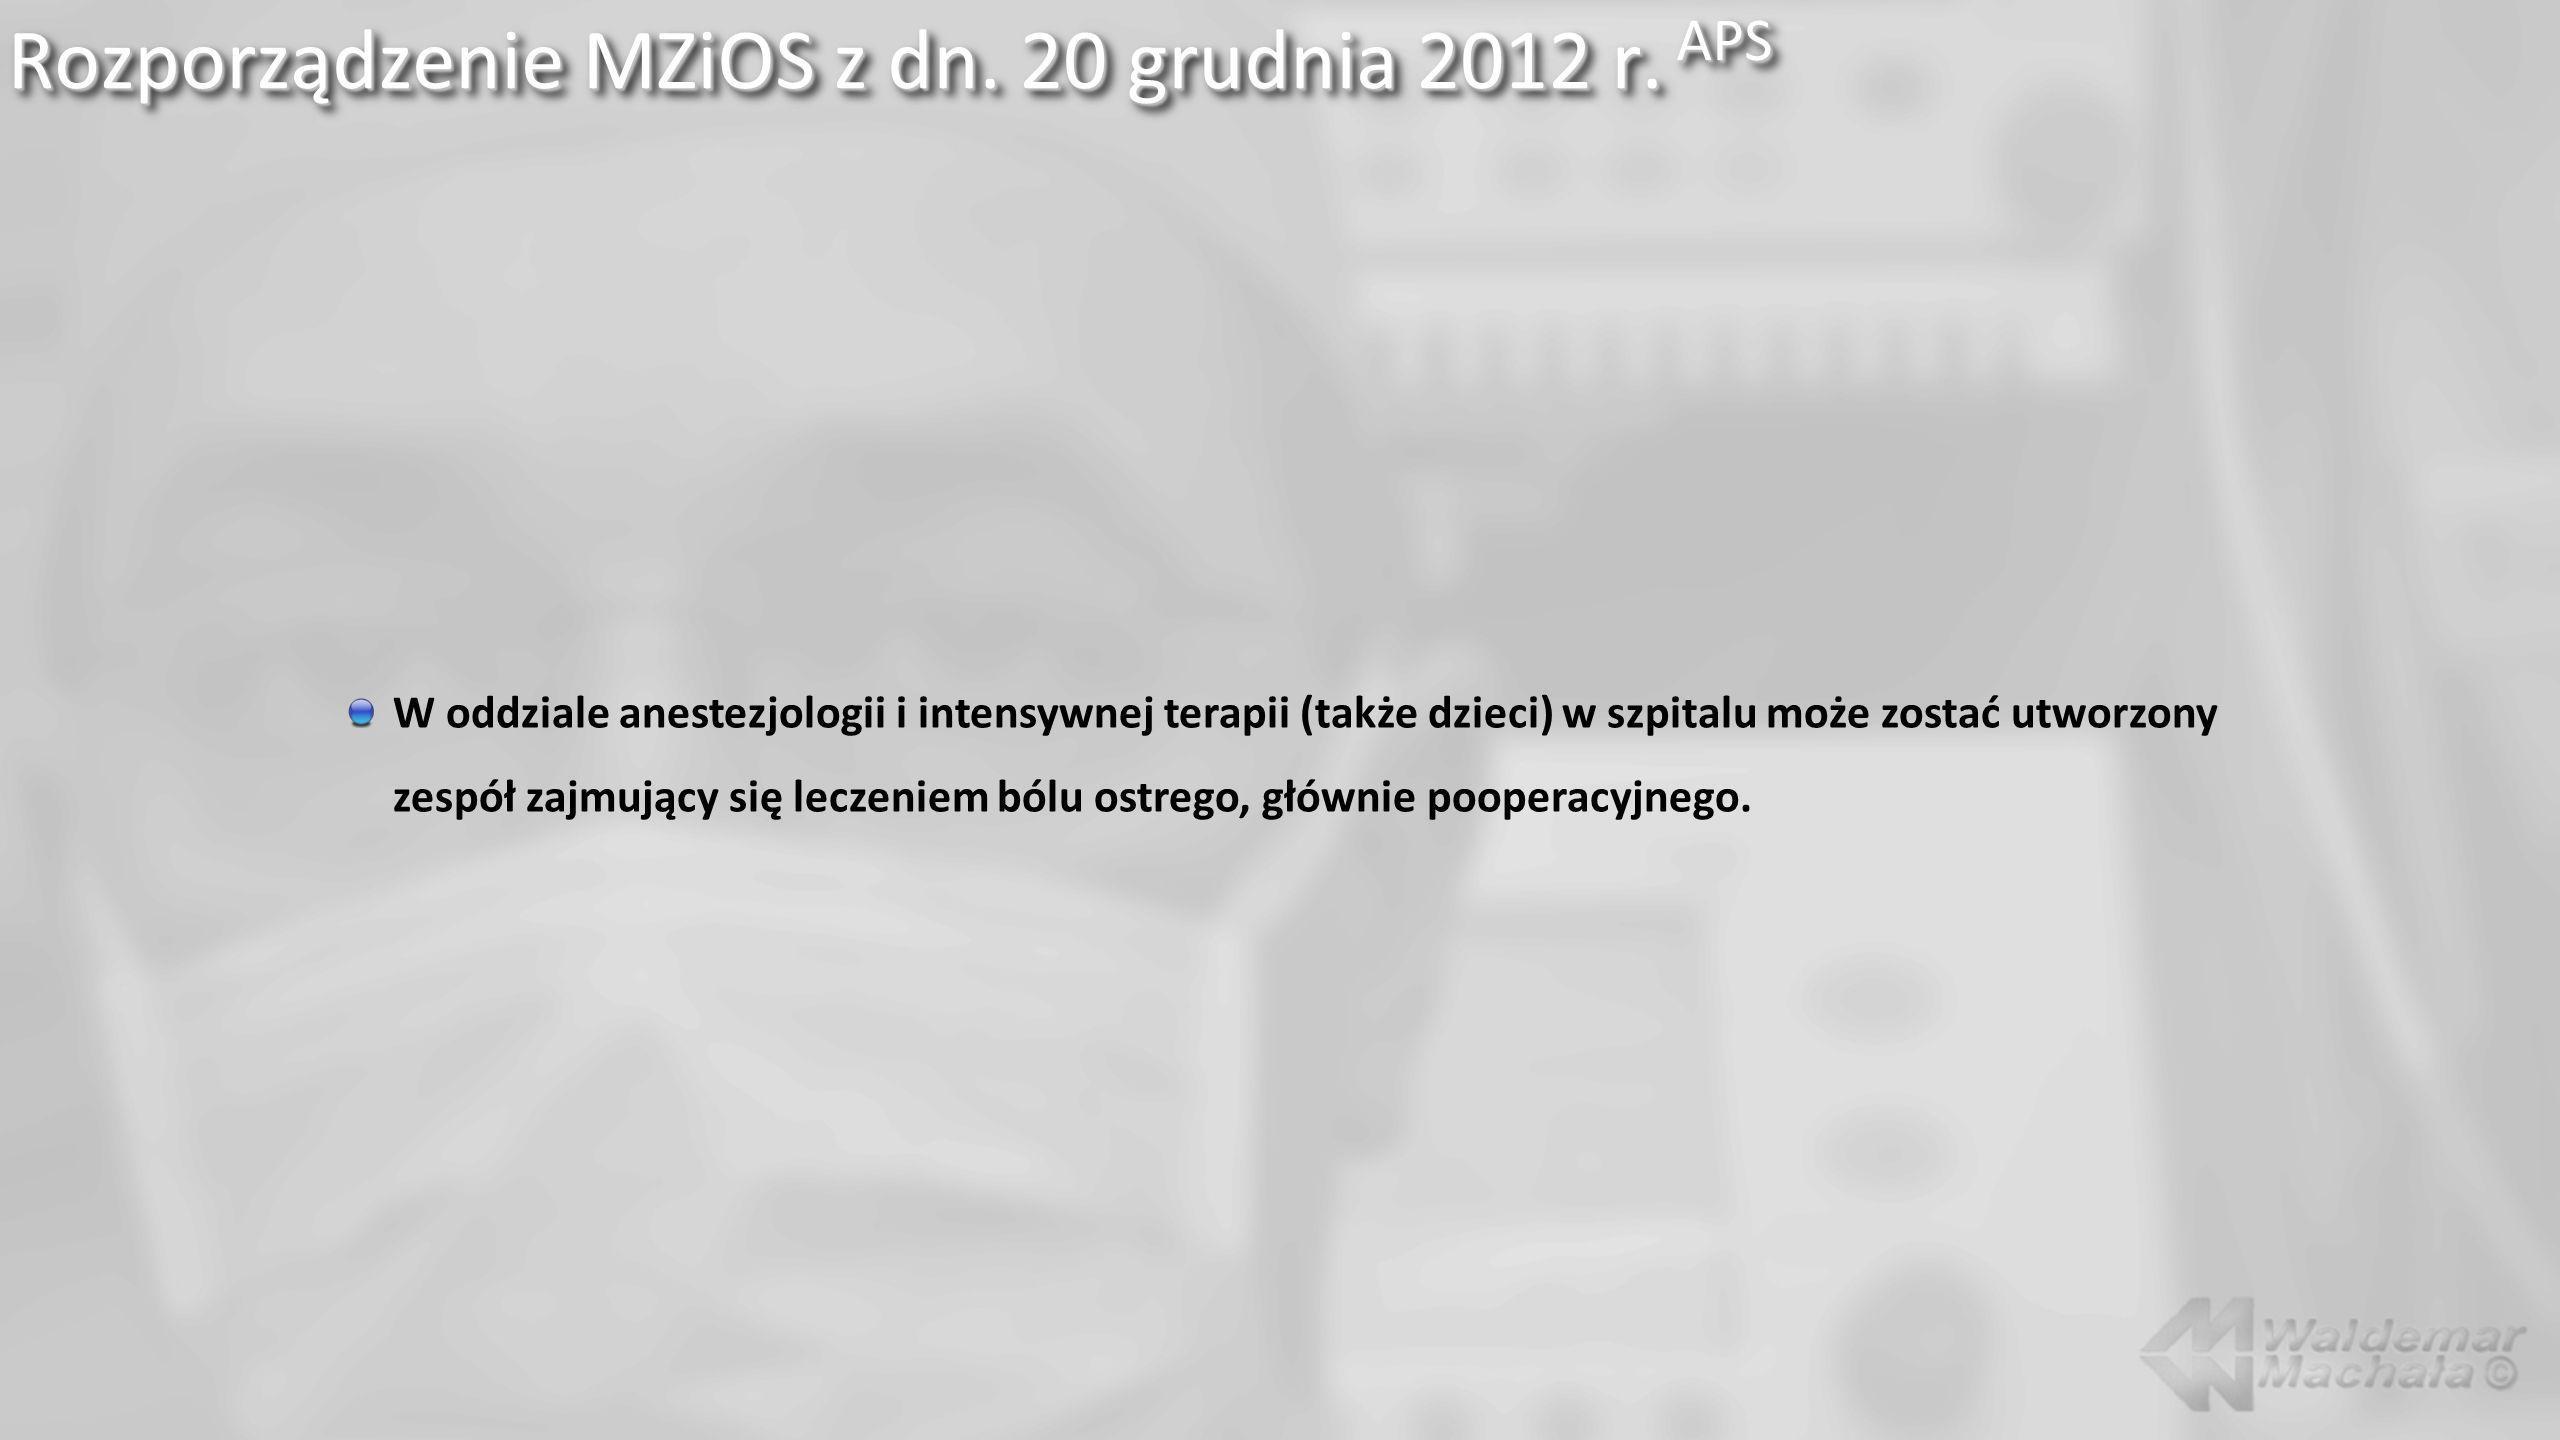 Rozporządzenie MZiOS z dn. 20 grudnia 2012 r. APS W oddziale anestezjologii i intensywnej terapii (także dzieci) w szpitalu może zostać utworzony zesp